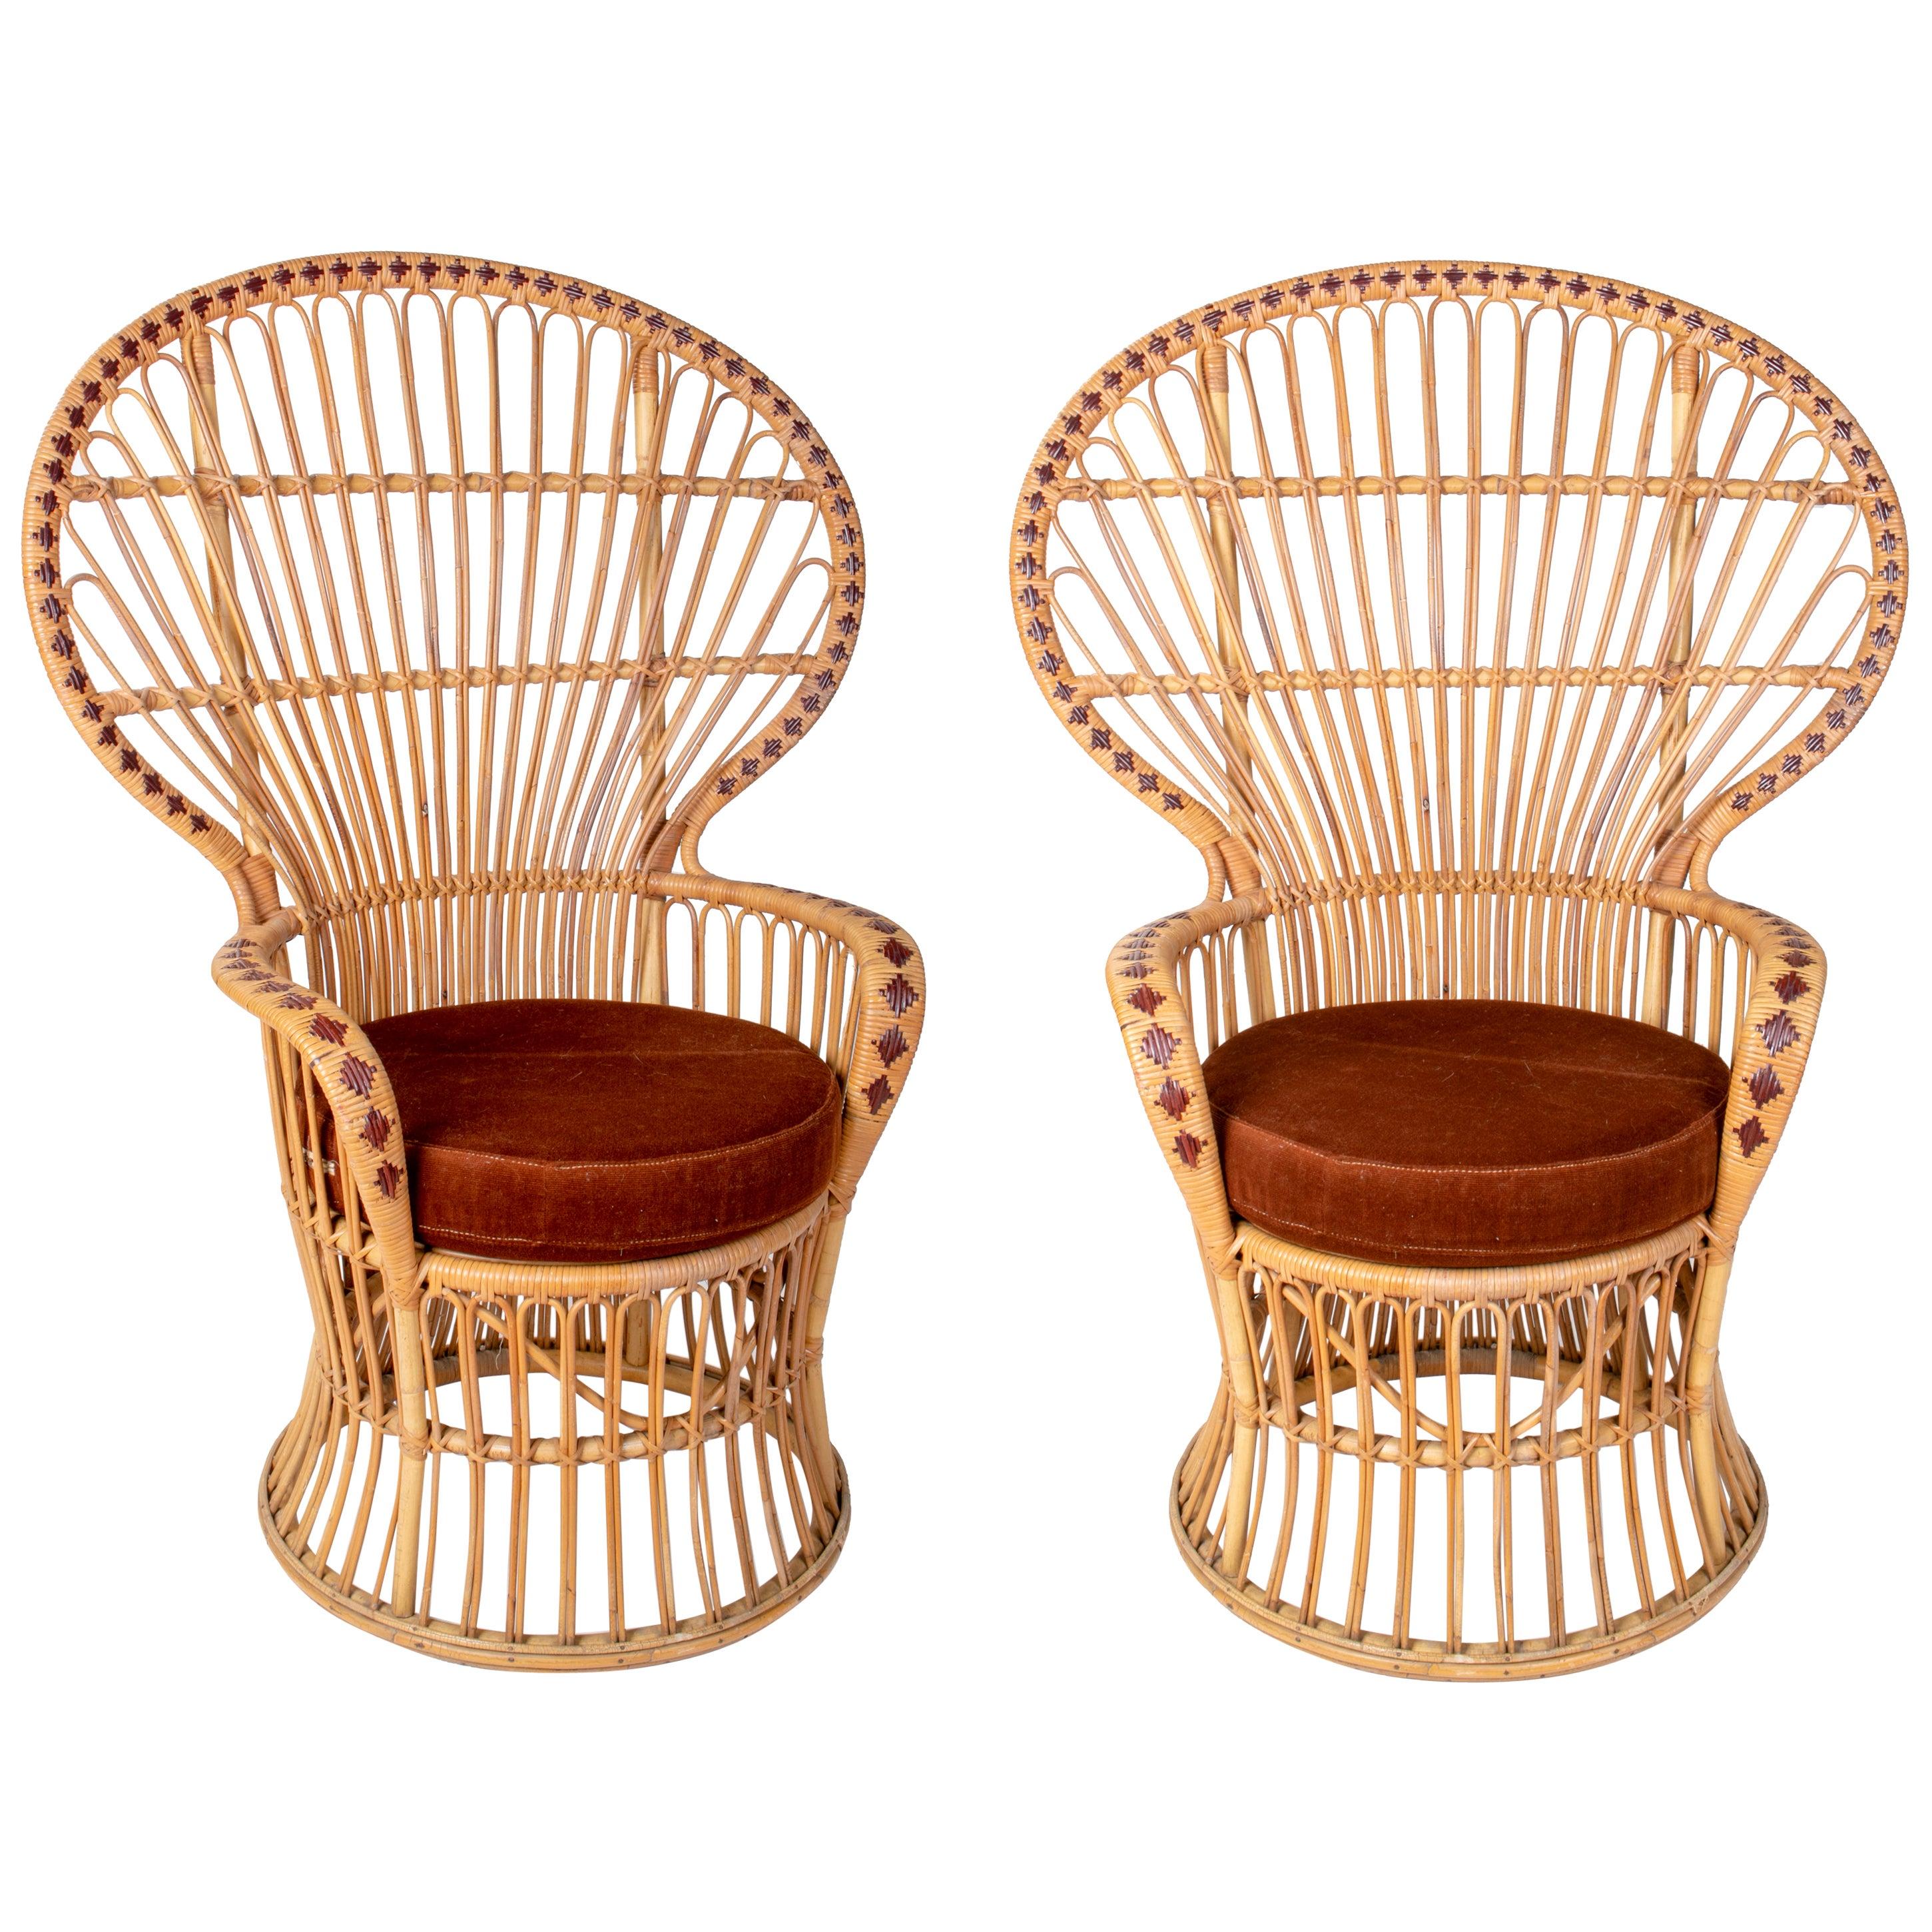 1970s Pair of Spanish Handmade Wicker and Bamboo Armchairs